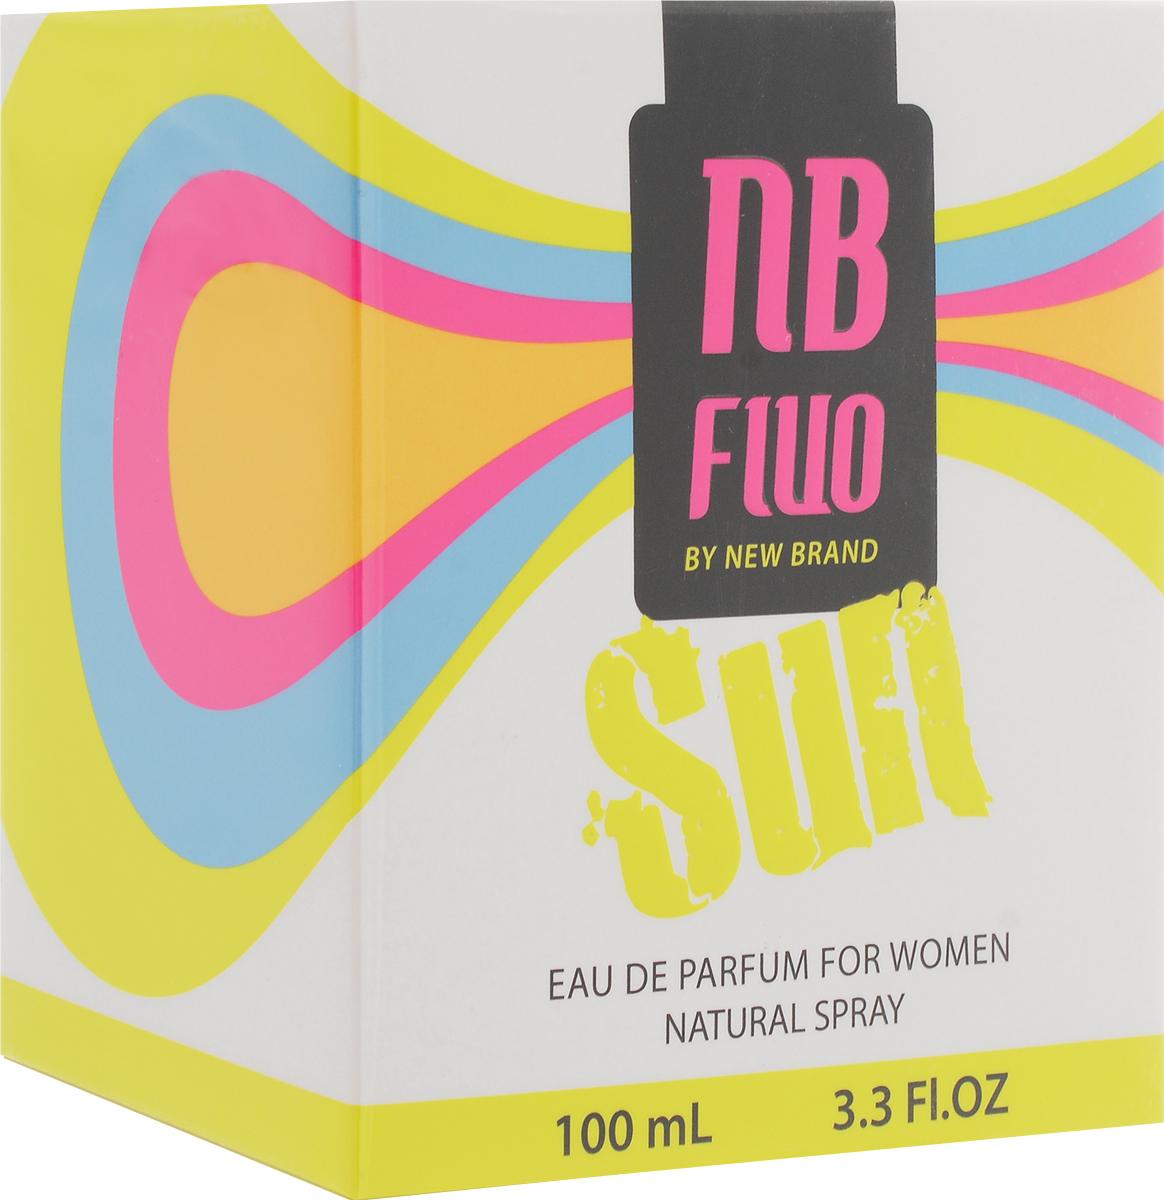 New Brand Perfumes Парфюмерная вода для женщин Sun, 100 мл5425017735144BY NEW BRAND SAN - очень яркий, оригинальный, непрозрачный флакон лимонного цвета, очень приятный на ощупь, с совершенно округлыми формами, который не хочется выпускать из своих рук, хранит в себе свежий, стойкий аромат, заряжая вас, хорошим настроением, позитивом, успехом, ожиданием чуда. Этот аромат не надоест никогда потому что таит в себе само солнце, которое дарит всем нам жизнь и радость в любое время года. Поэтому этот великолепный подарок будет актуален в любое время года, так как, подарив его любой девушке или женщине, вы нисколько не ошибетесь - никто не останется к нему равнодушен, и захочет с ним встретиться вновь и вновь.